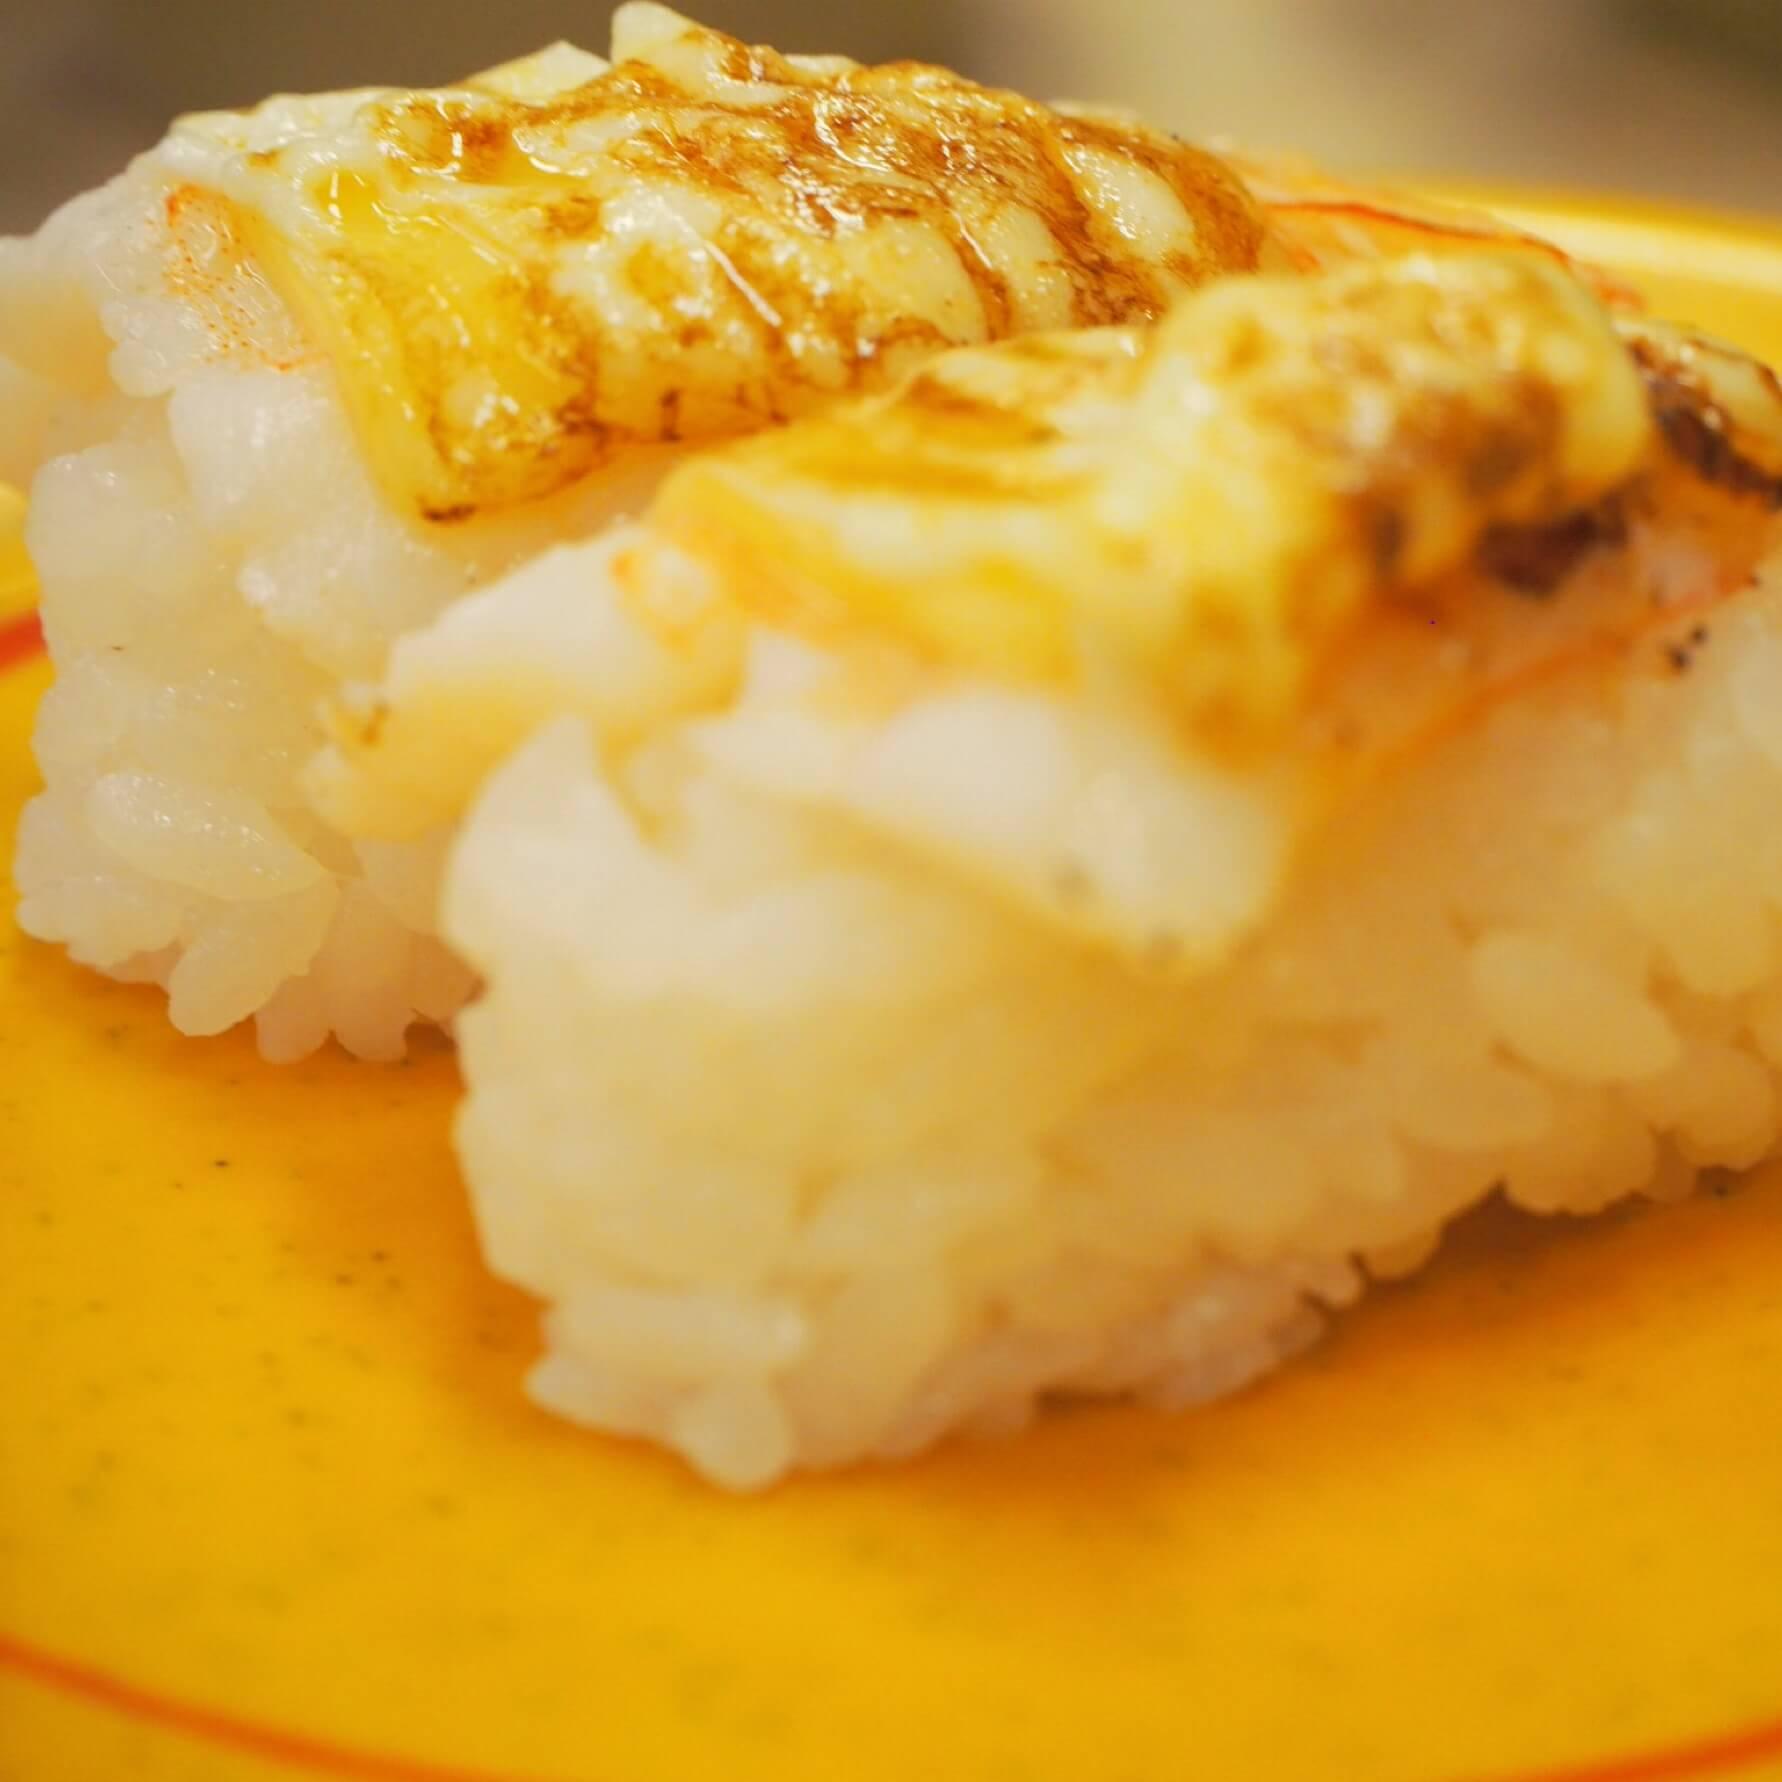 sushiro-ebi-cheese